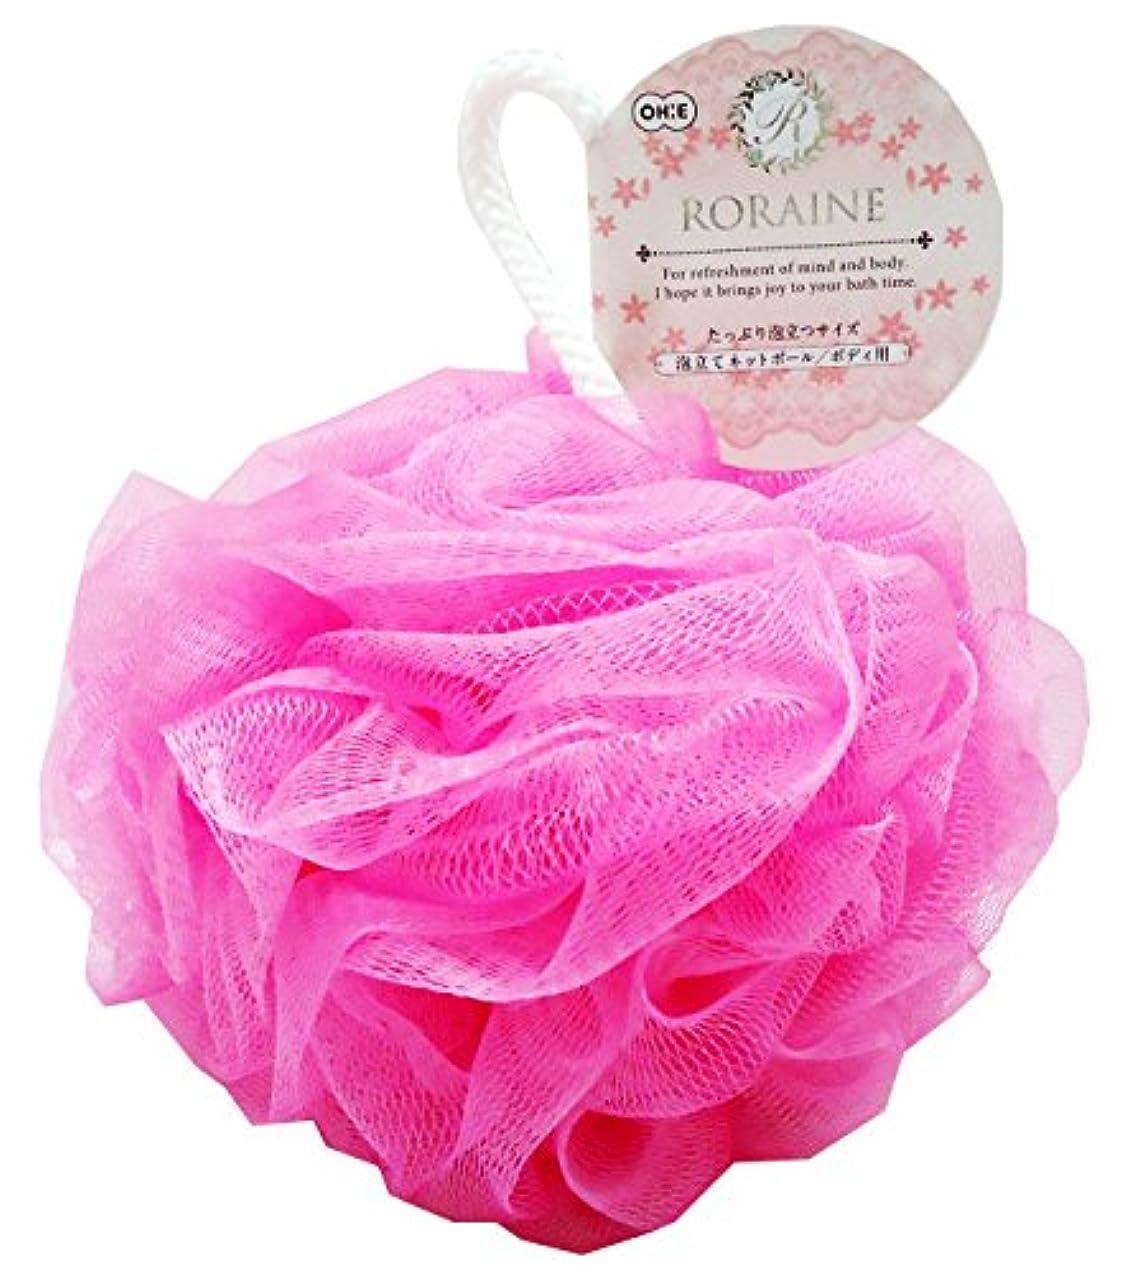 残る危険なつぼみオーエ 泡立て ネット ピンク 約縦22×横12.5×奥行12.5cm ロレーヌ ネットボール ボディ用